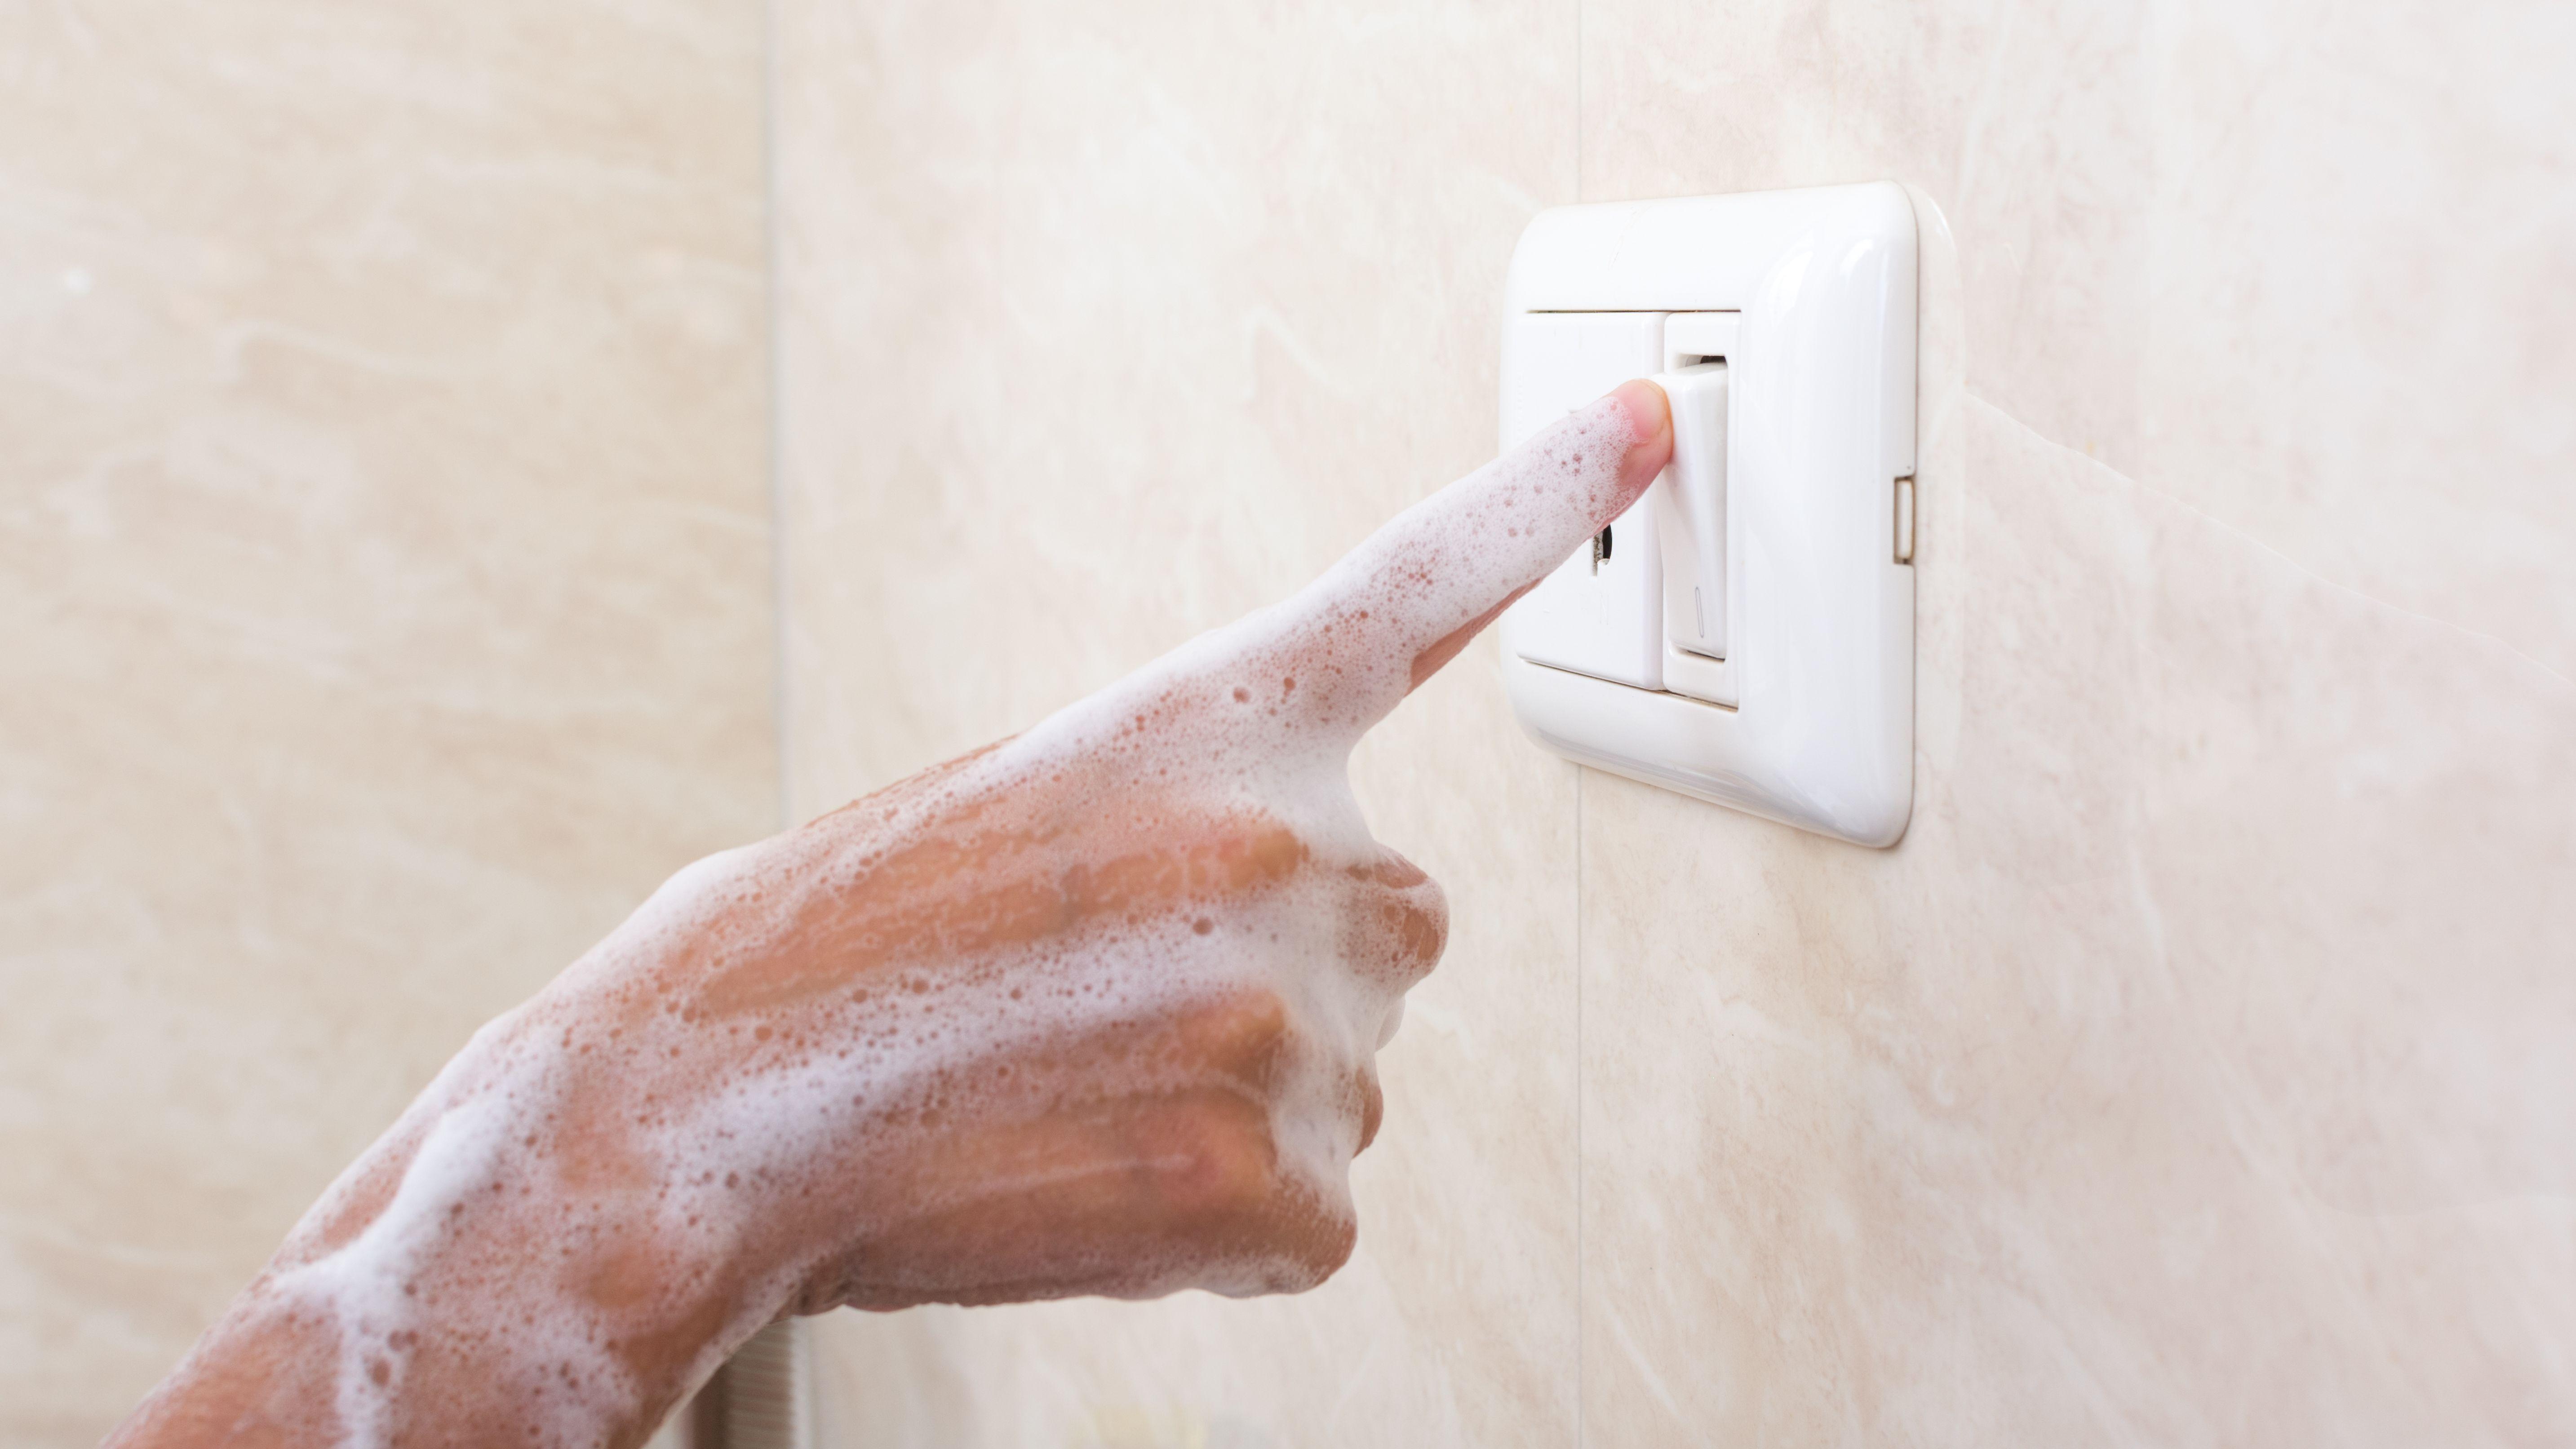 Volumes de la salle de bains  et réglementation